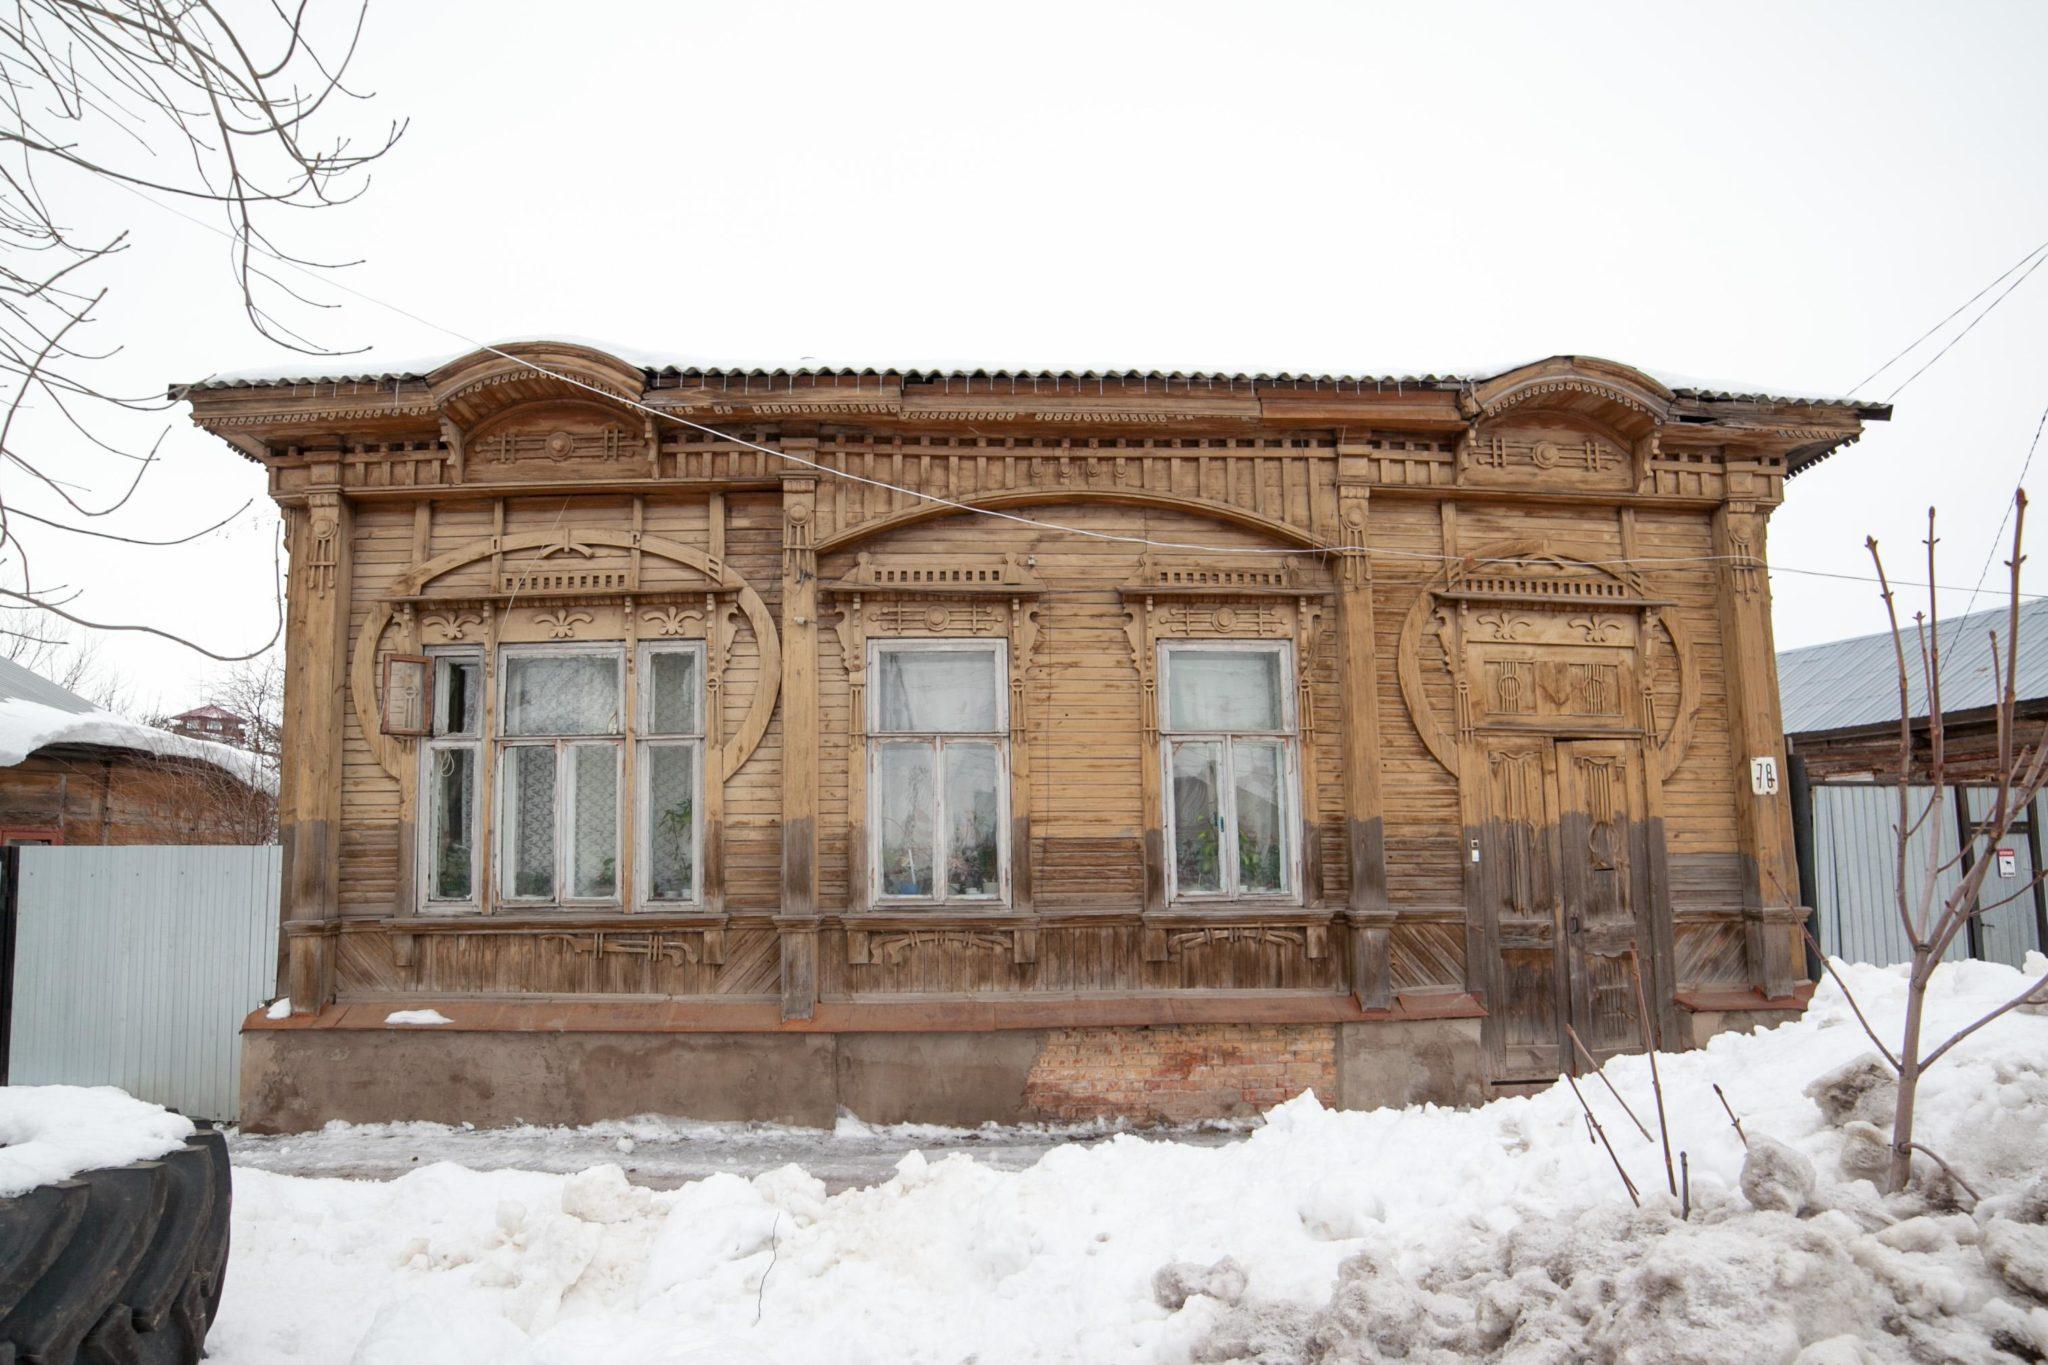 Закончен сбор средств на реставрацию дома купца Порфирия в Бузулуке